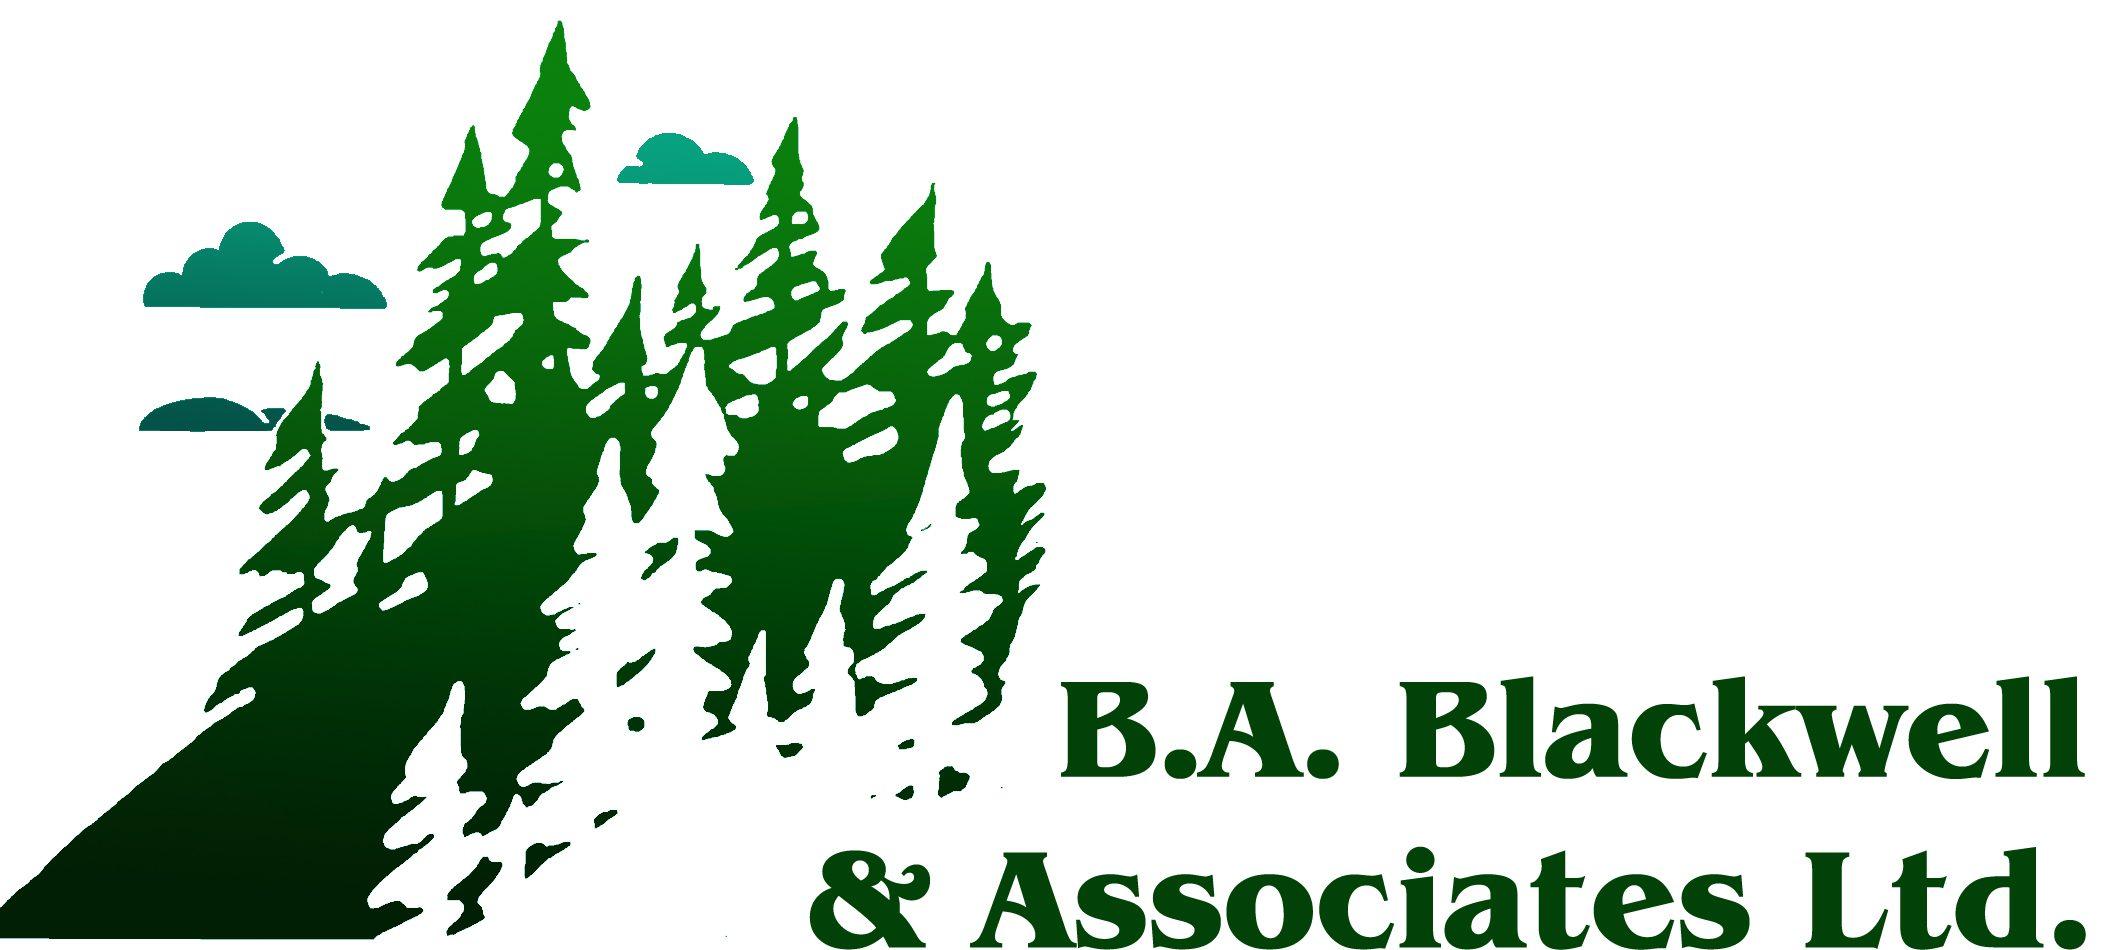 B.A Blackwell & Associates Ltd.